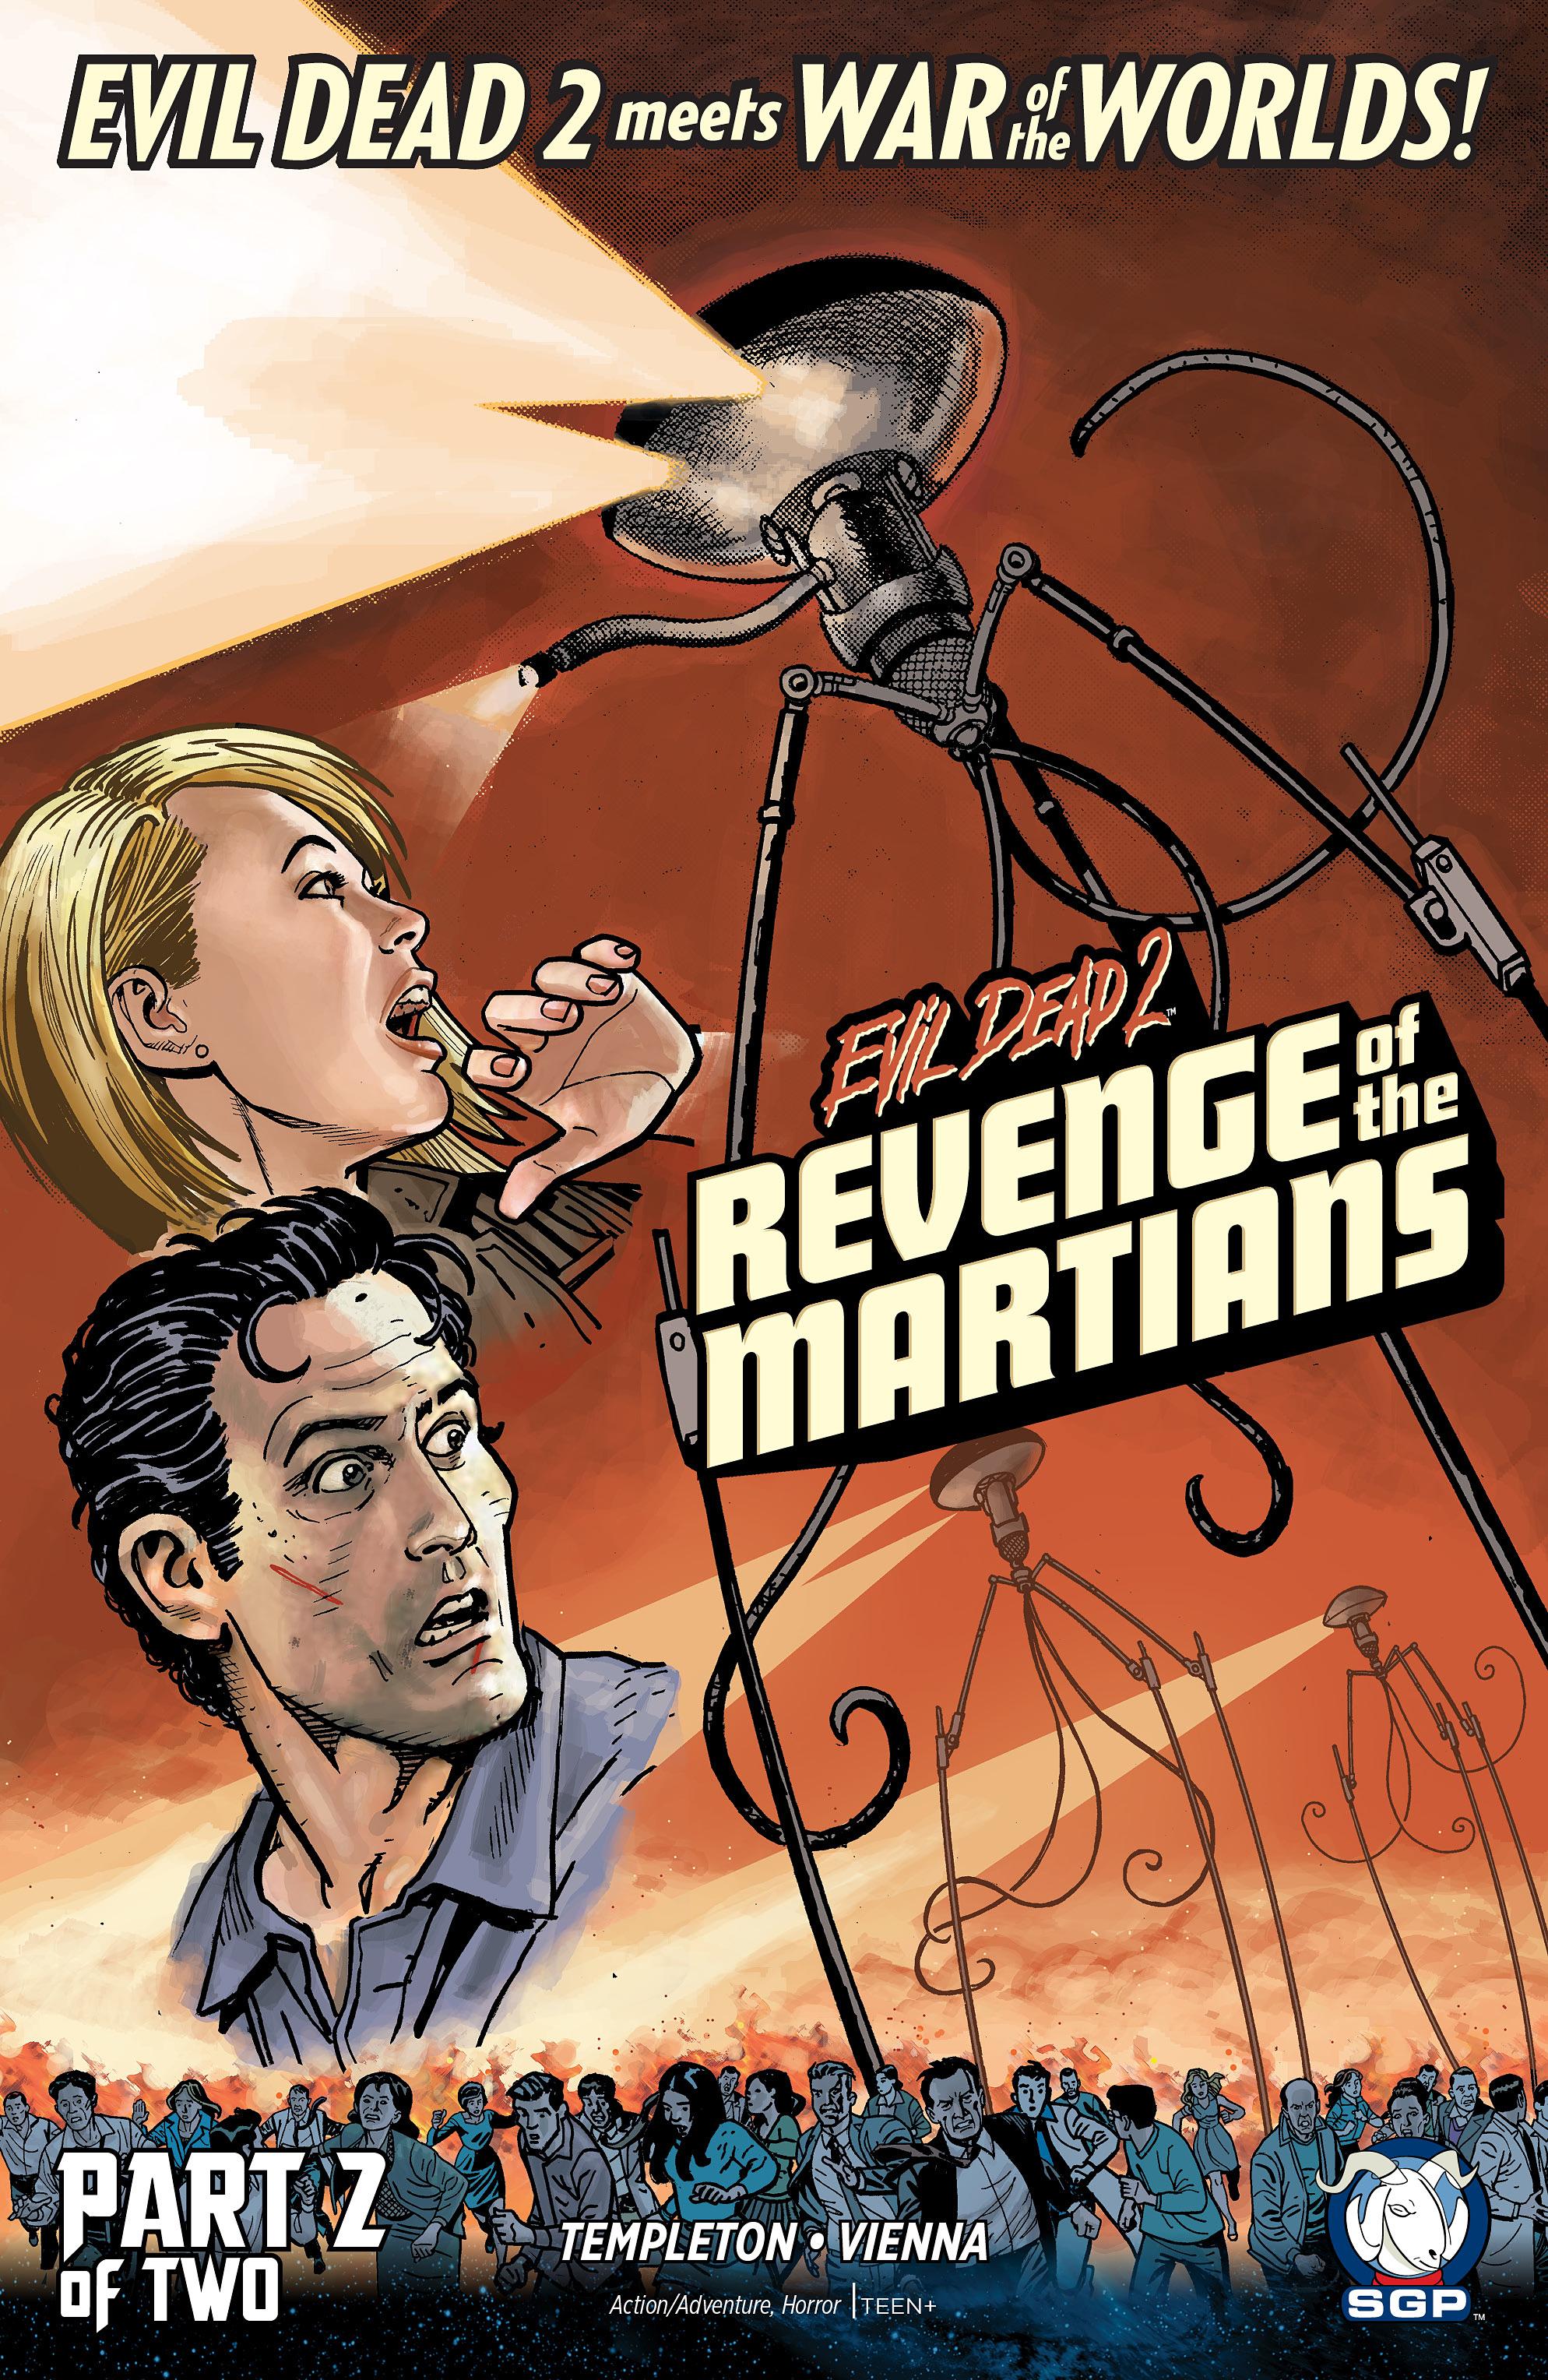 Evil Dead 2: Revenge of the Martians 2 Page 1